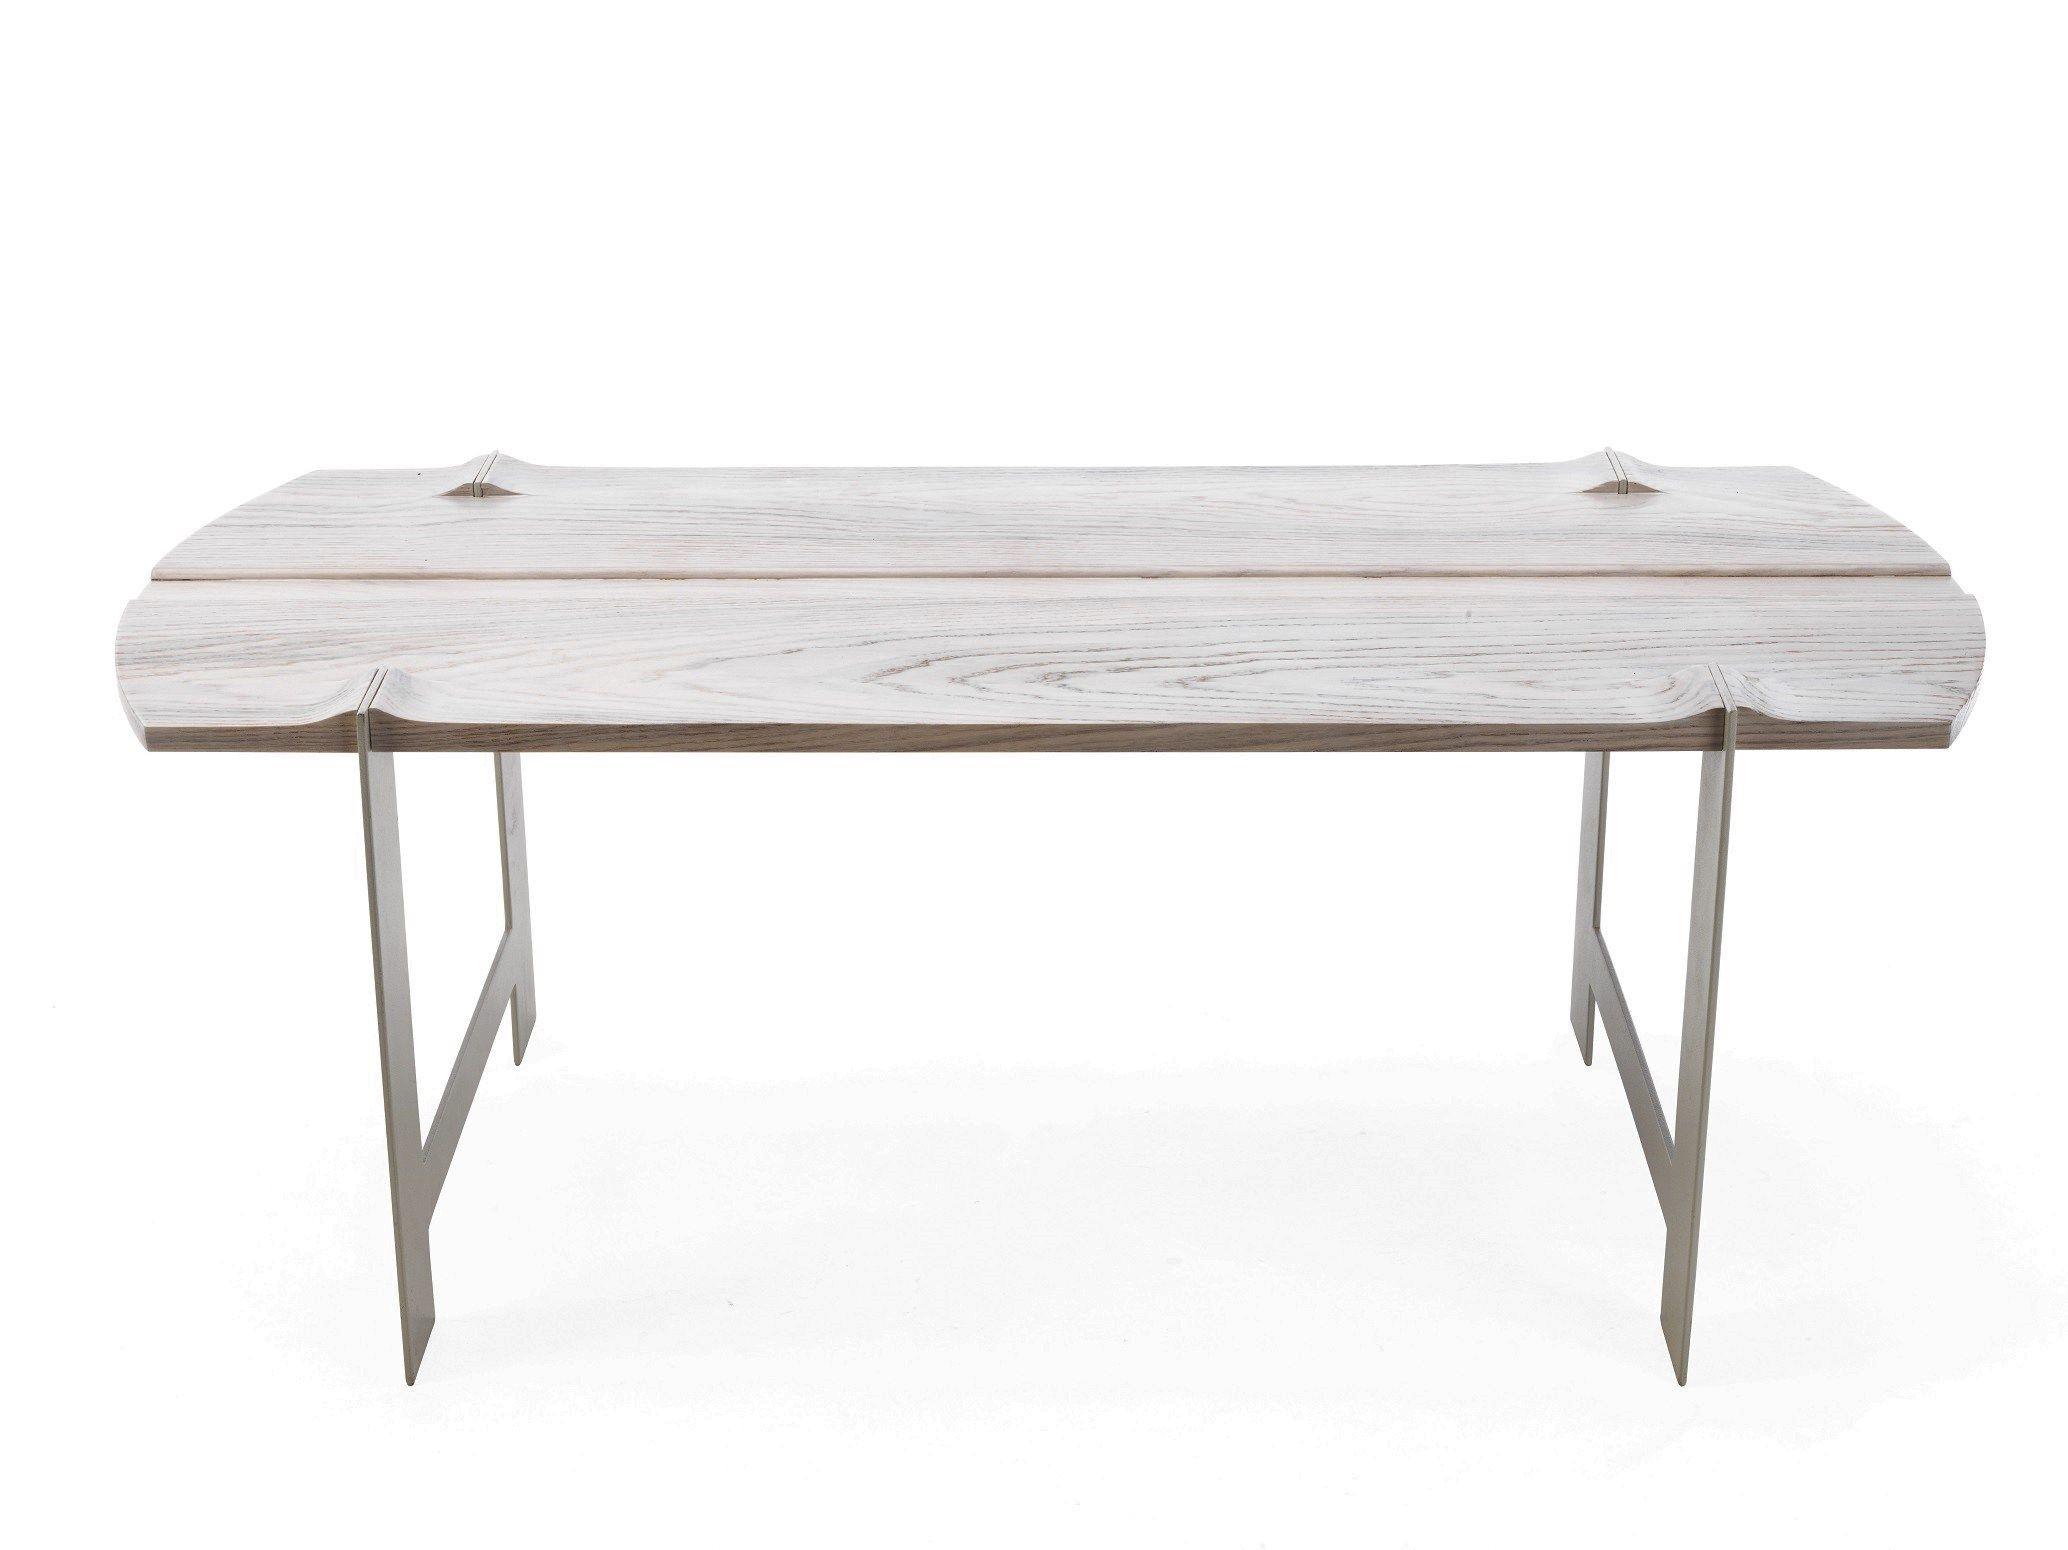 630d3fa213600146f636b4dbe068cbfa Luxe De Fabriquer Table Basse Tactile Schème